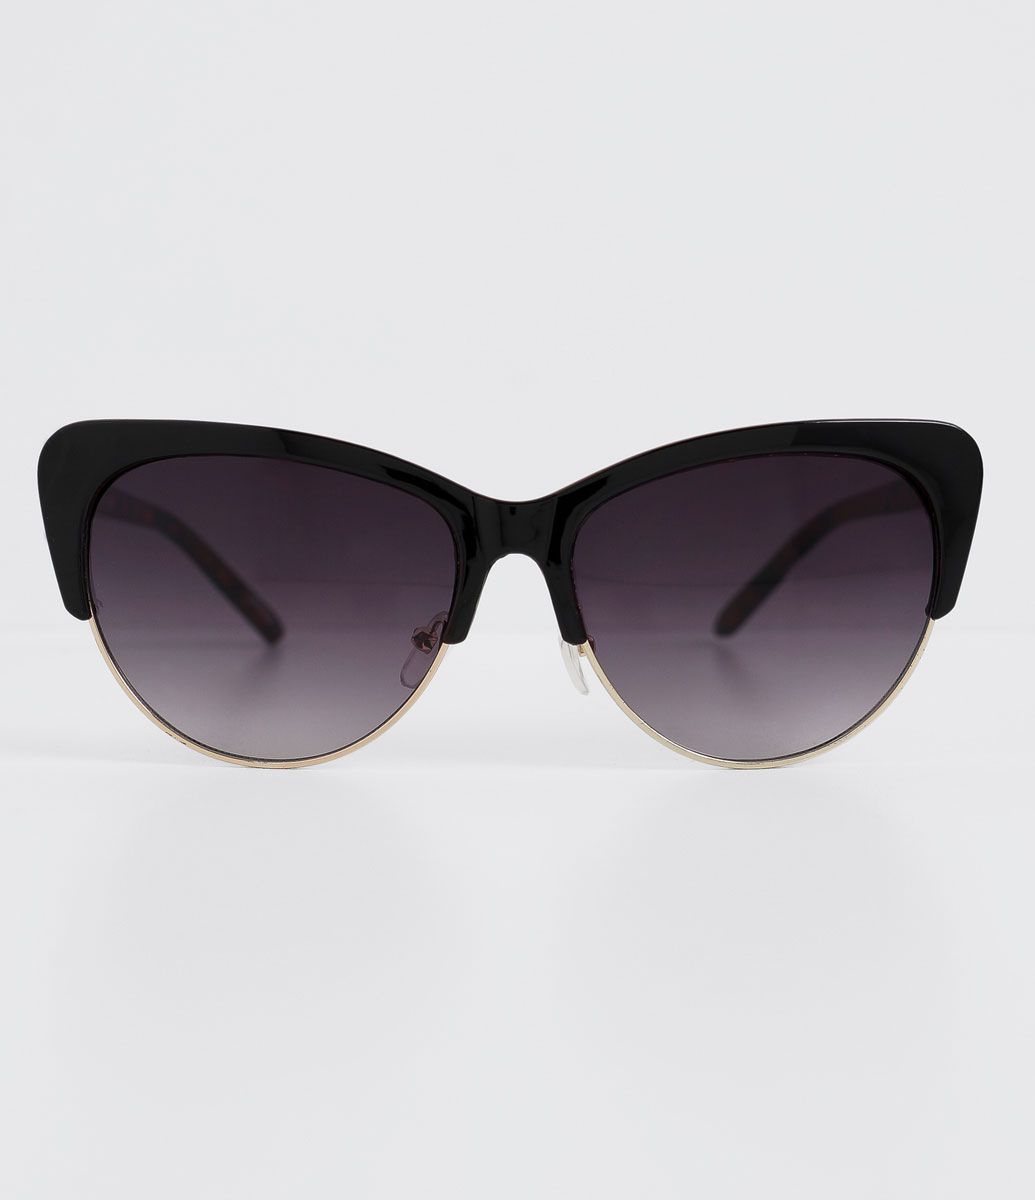 a229b2a7bd890 Óculos de sol feminino Modelo gateado Hastes em acetato Lentes em acrílico Proteção  contra raios UVA